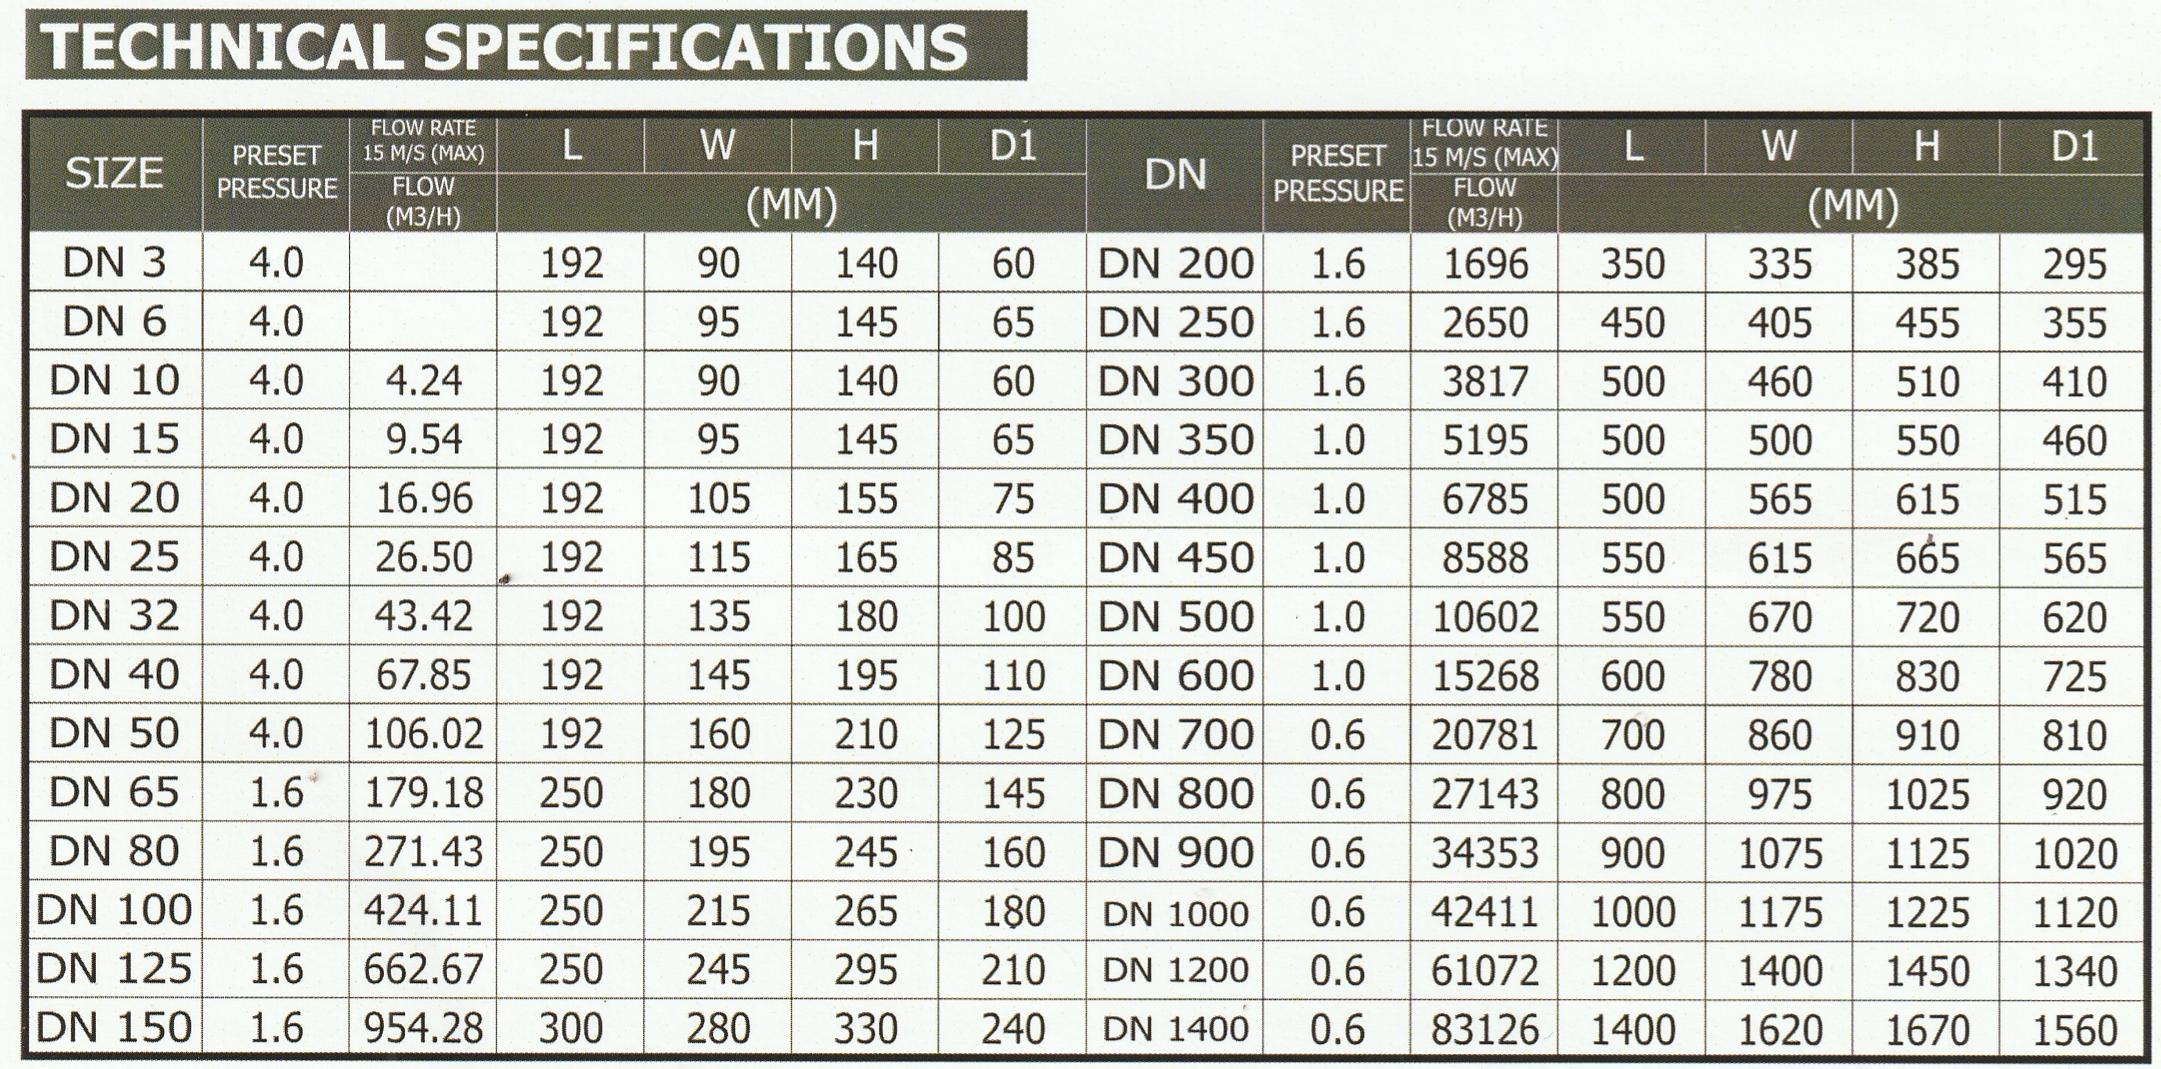 SHM-SANITARY-METERS-KATALOG-2 JUAL SHM SANITARY METERS